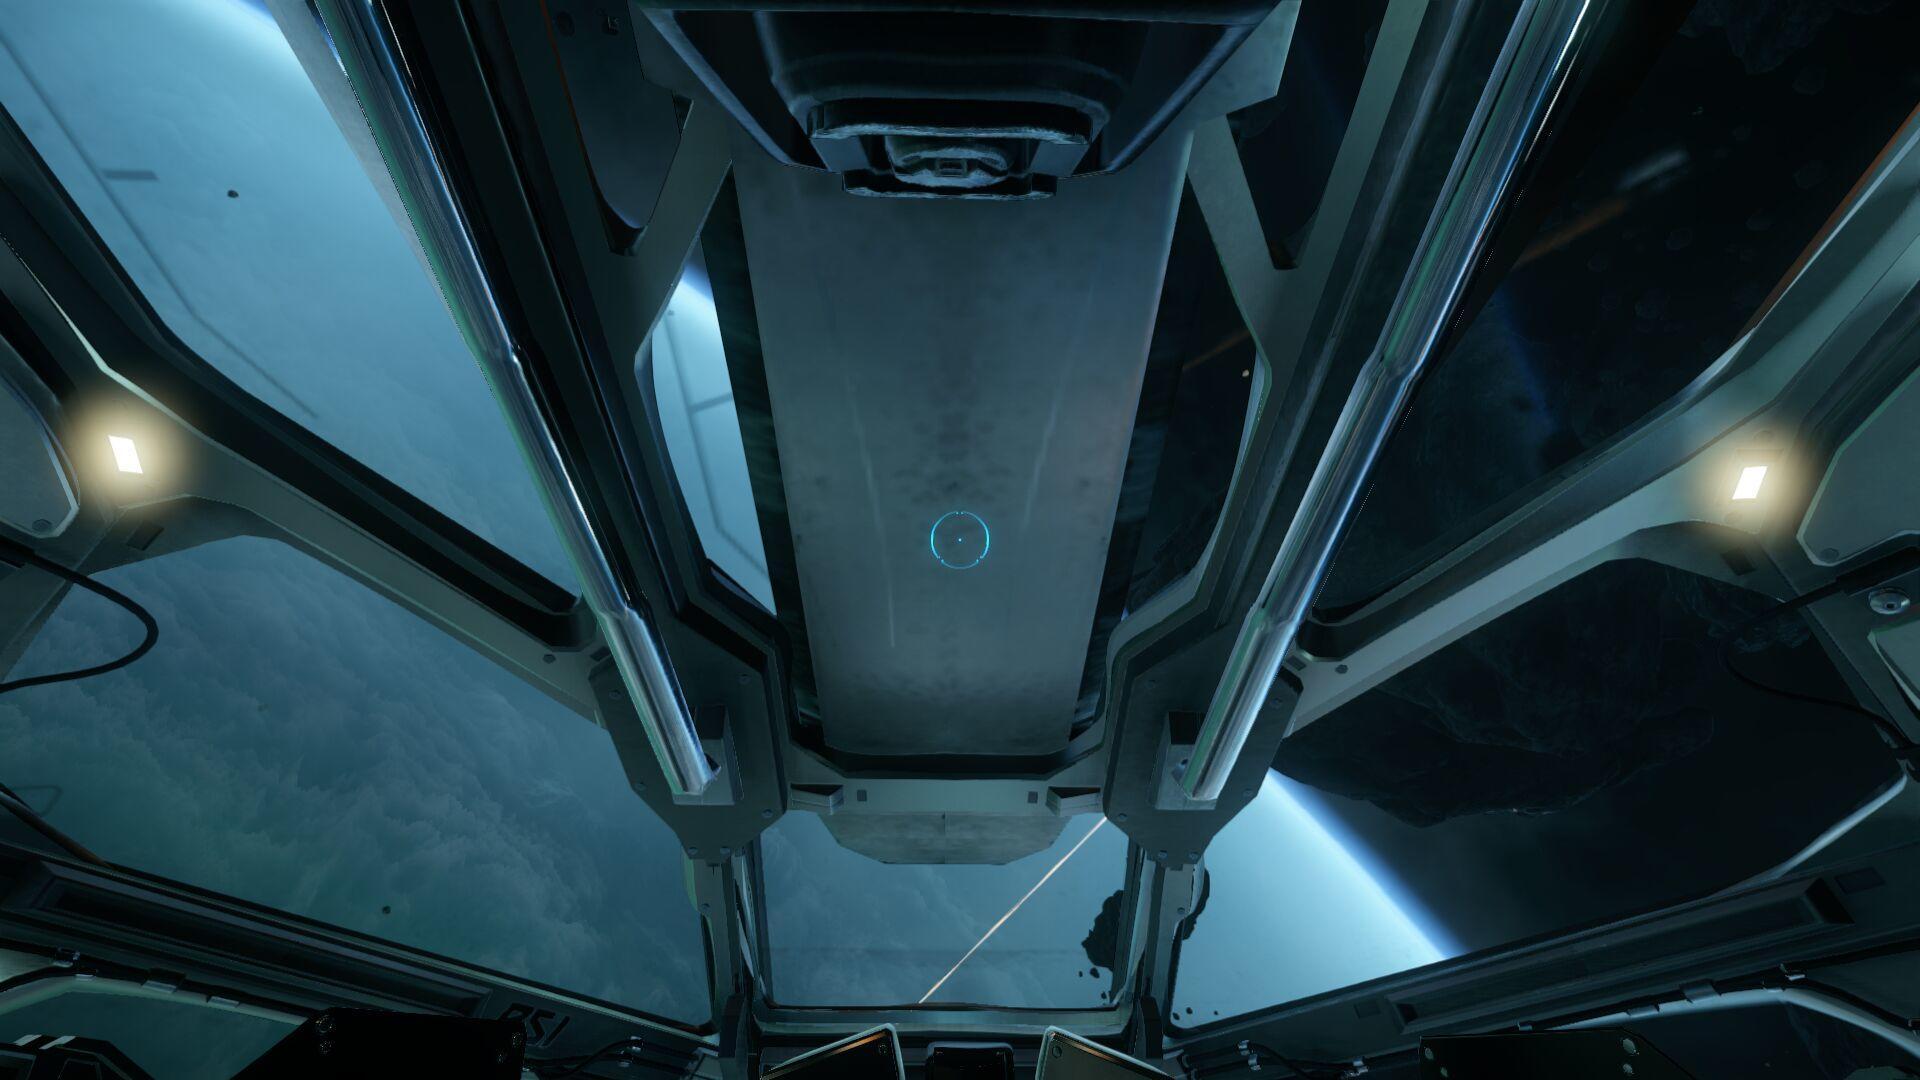 Wygląd wewnętrzny - kokpit - widok do góry